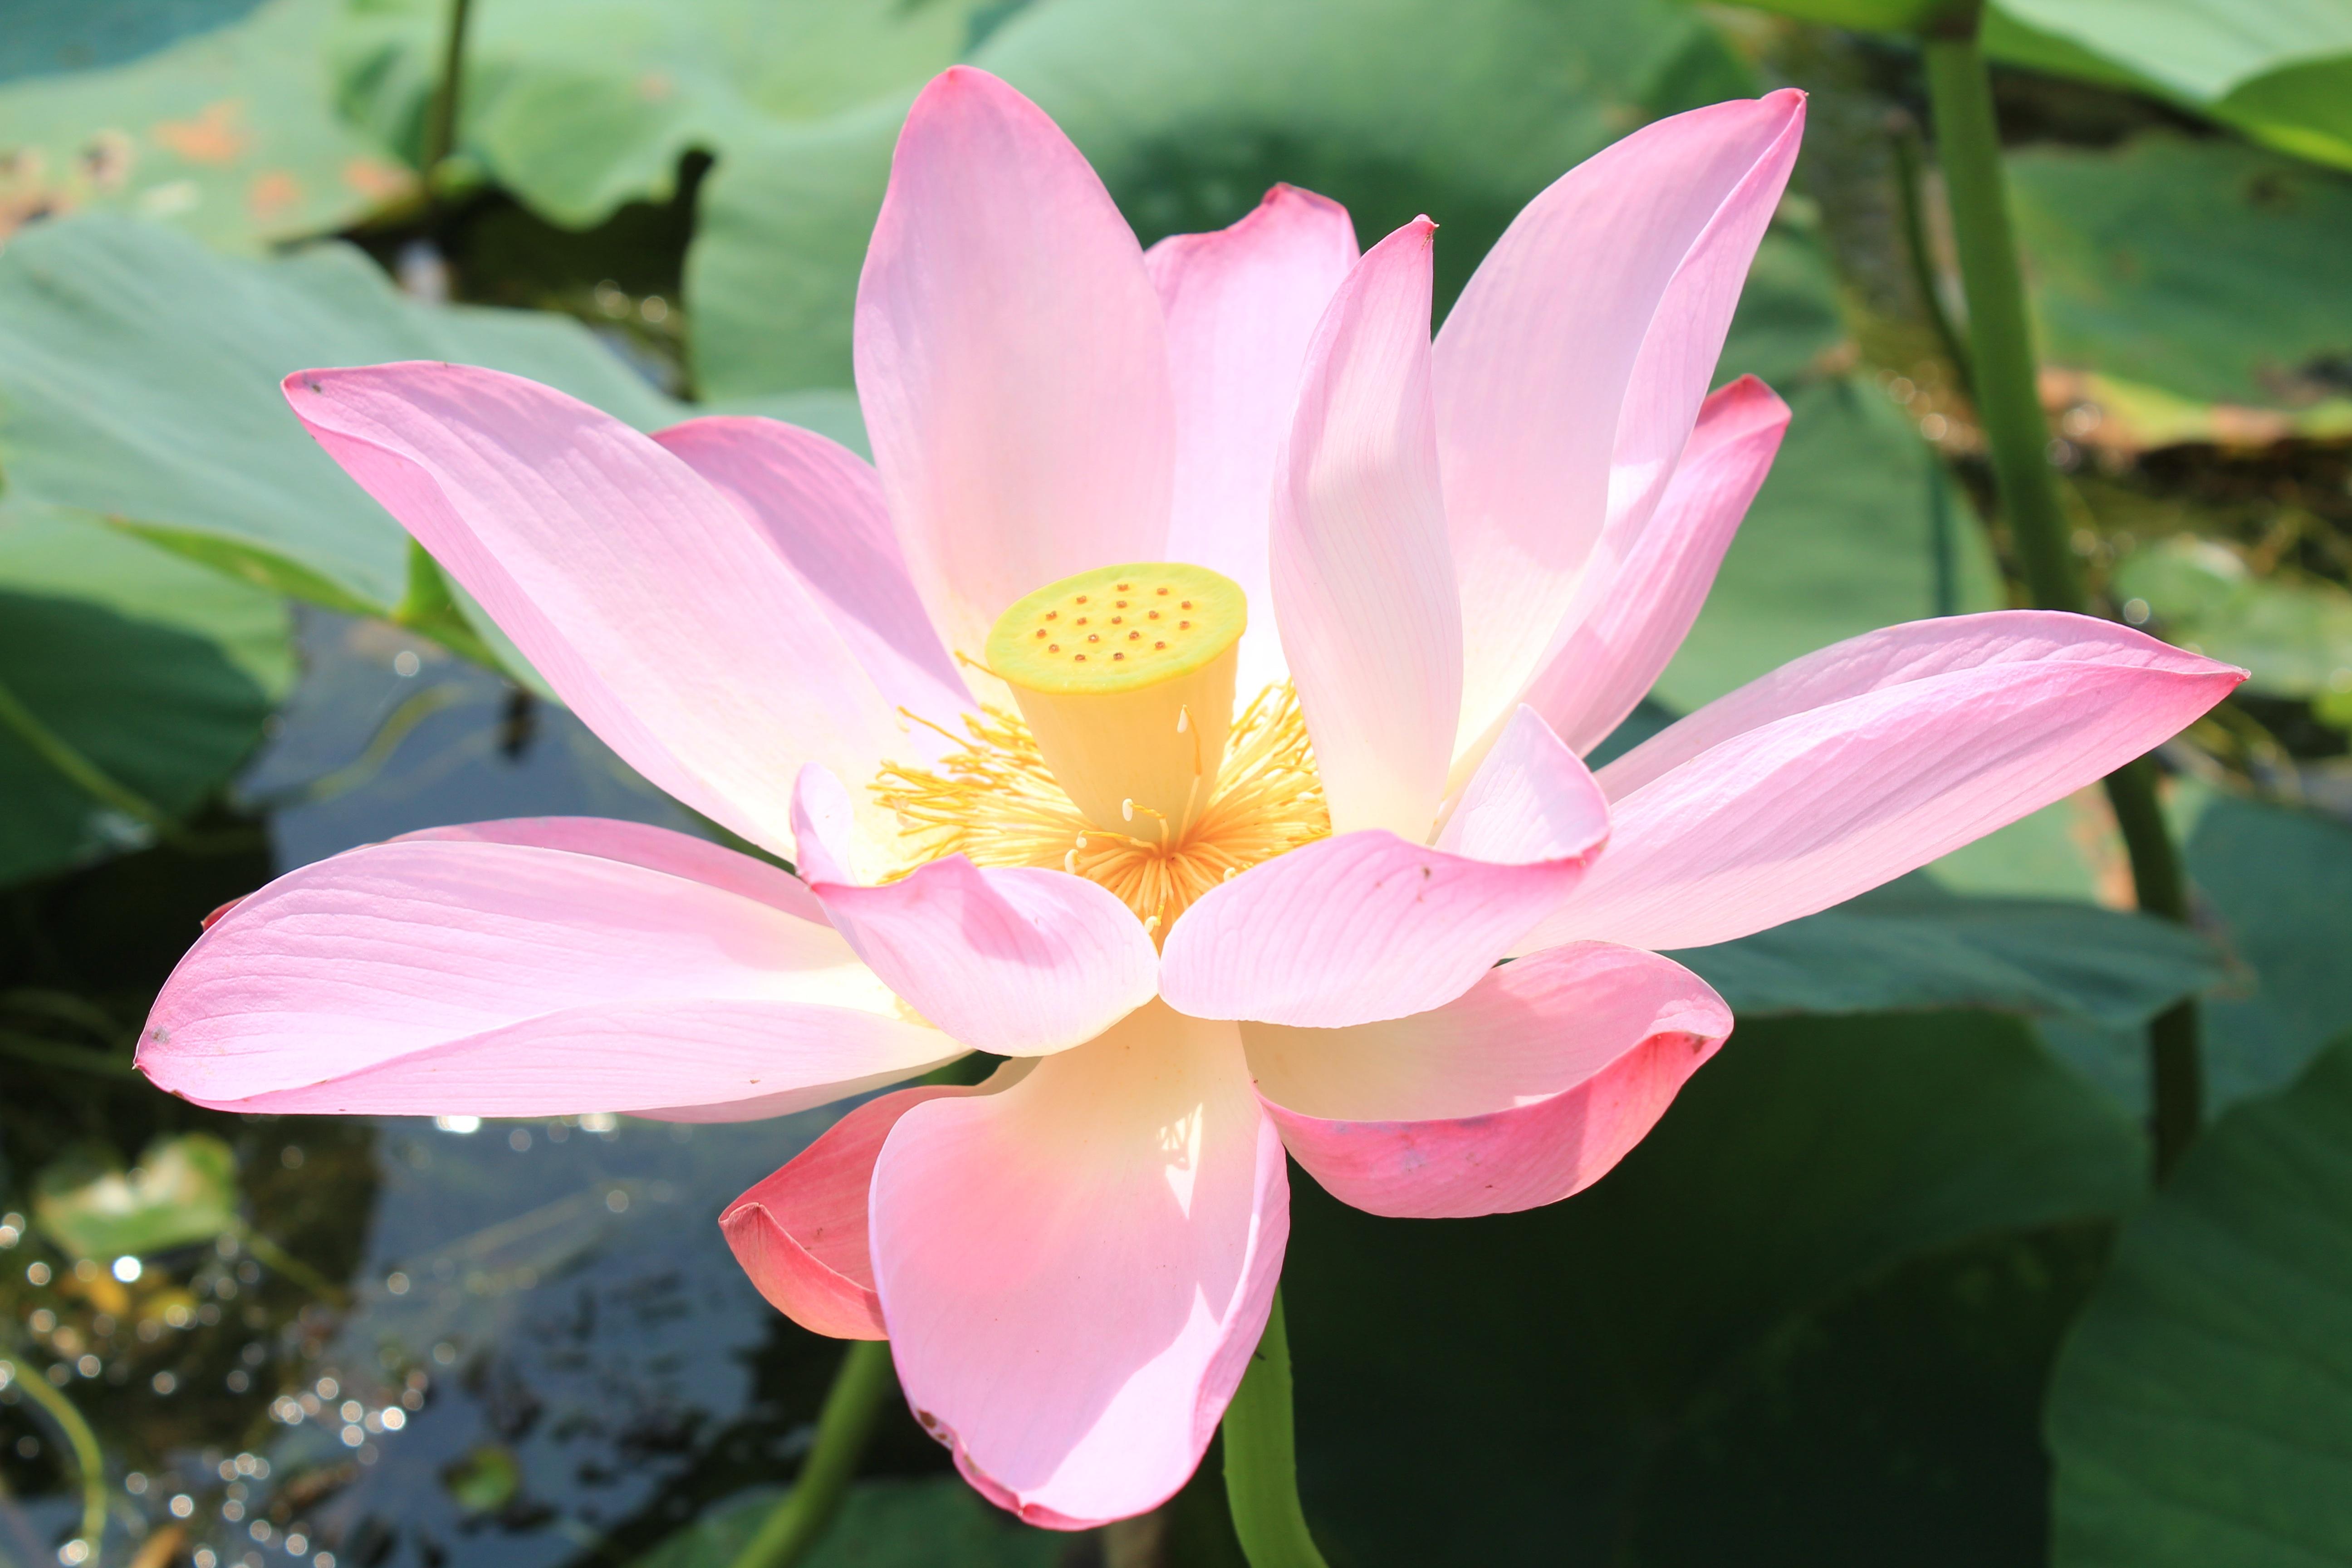 грибы этого фото цветка розовый лотос связи этим